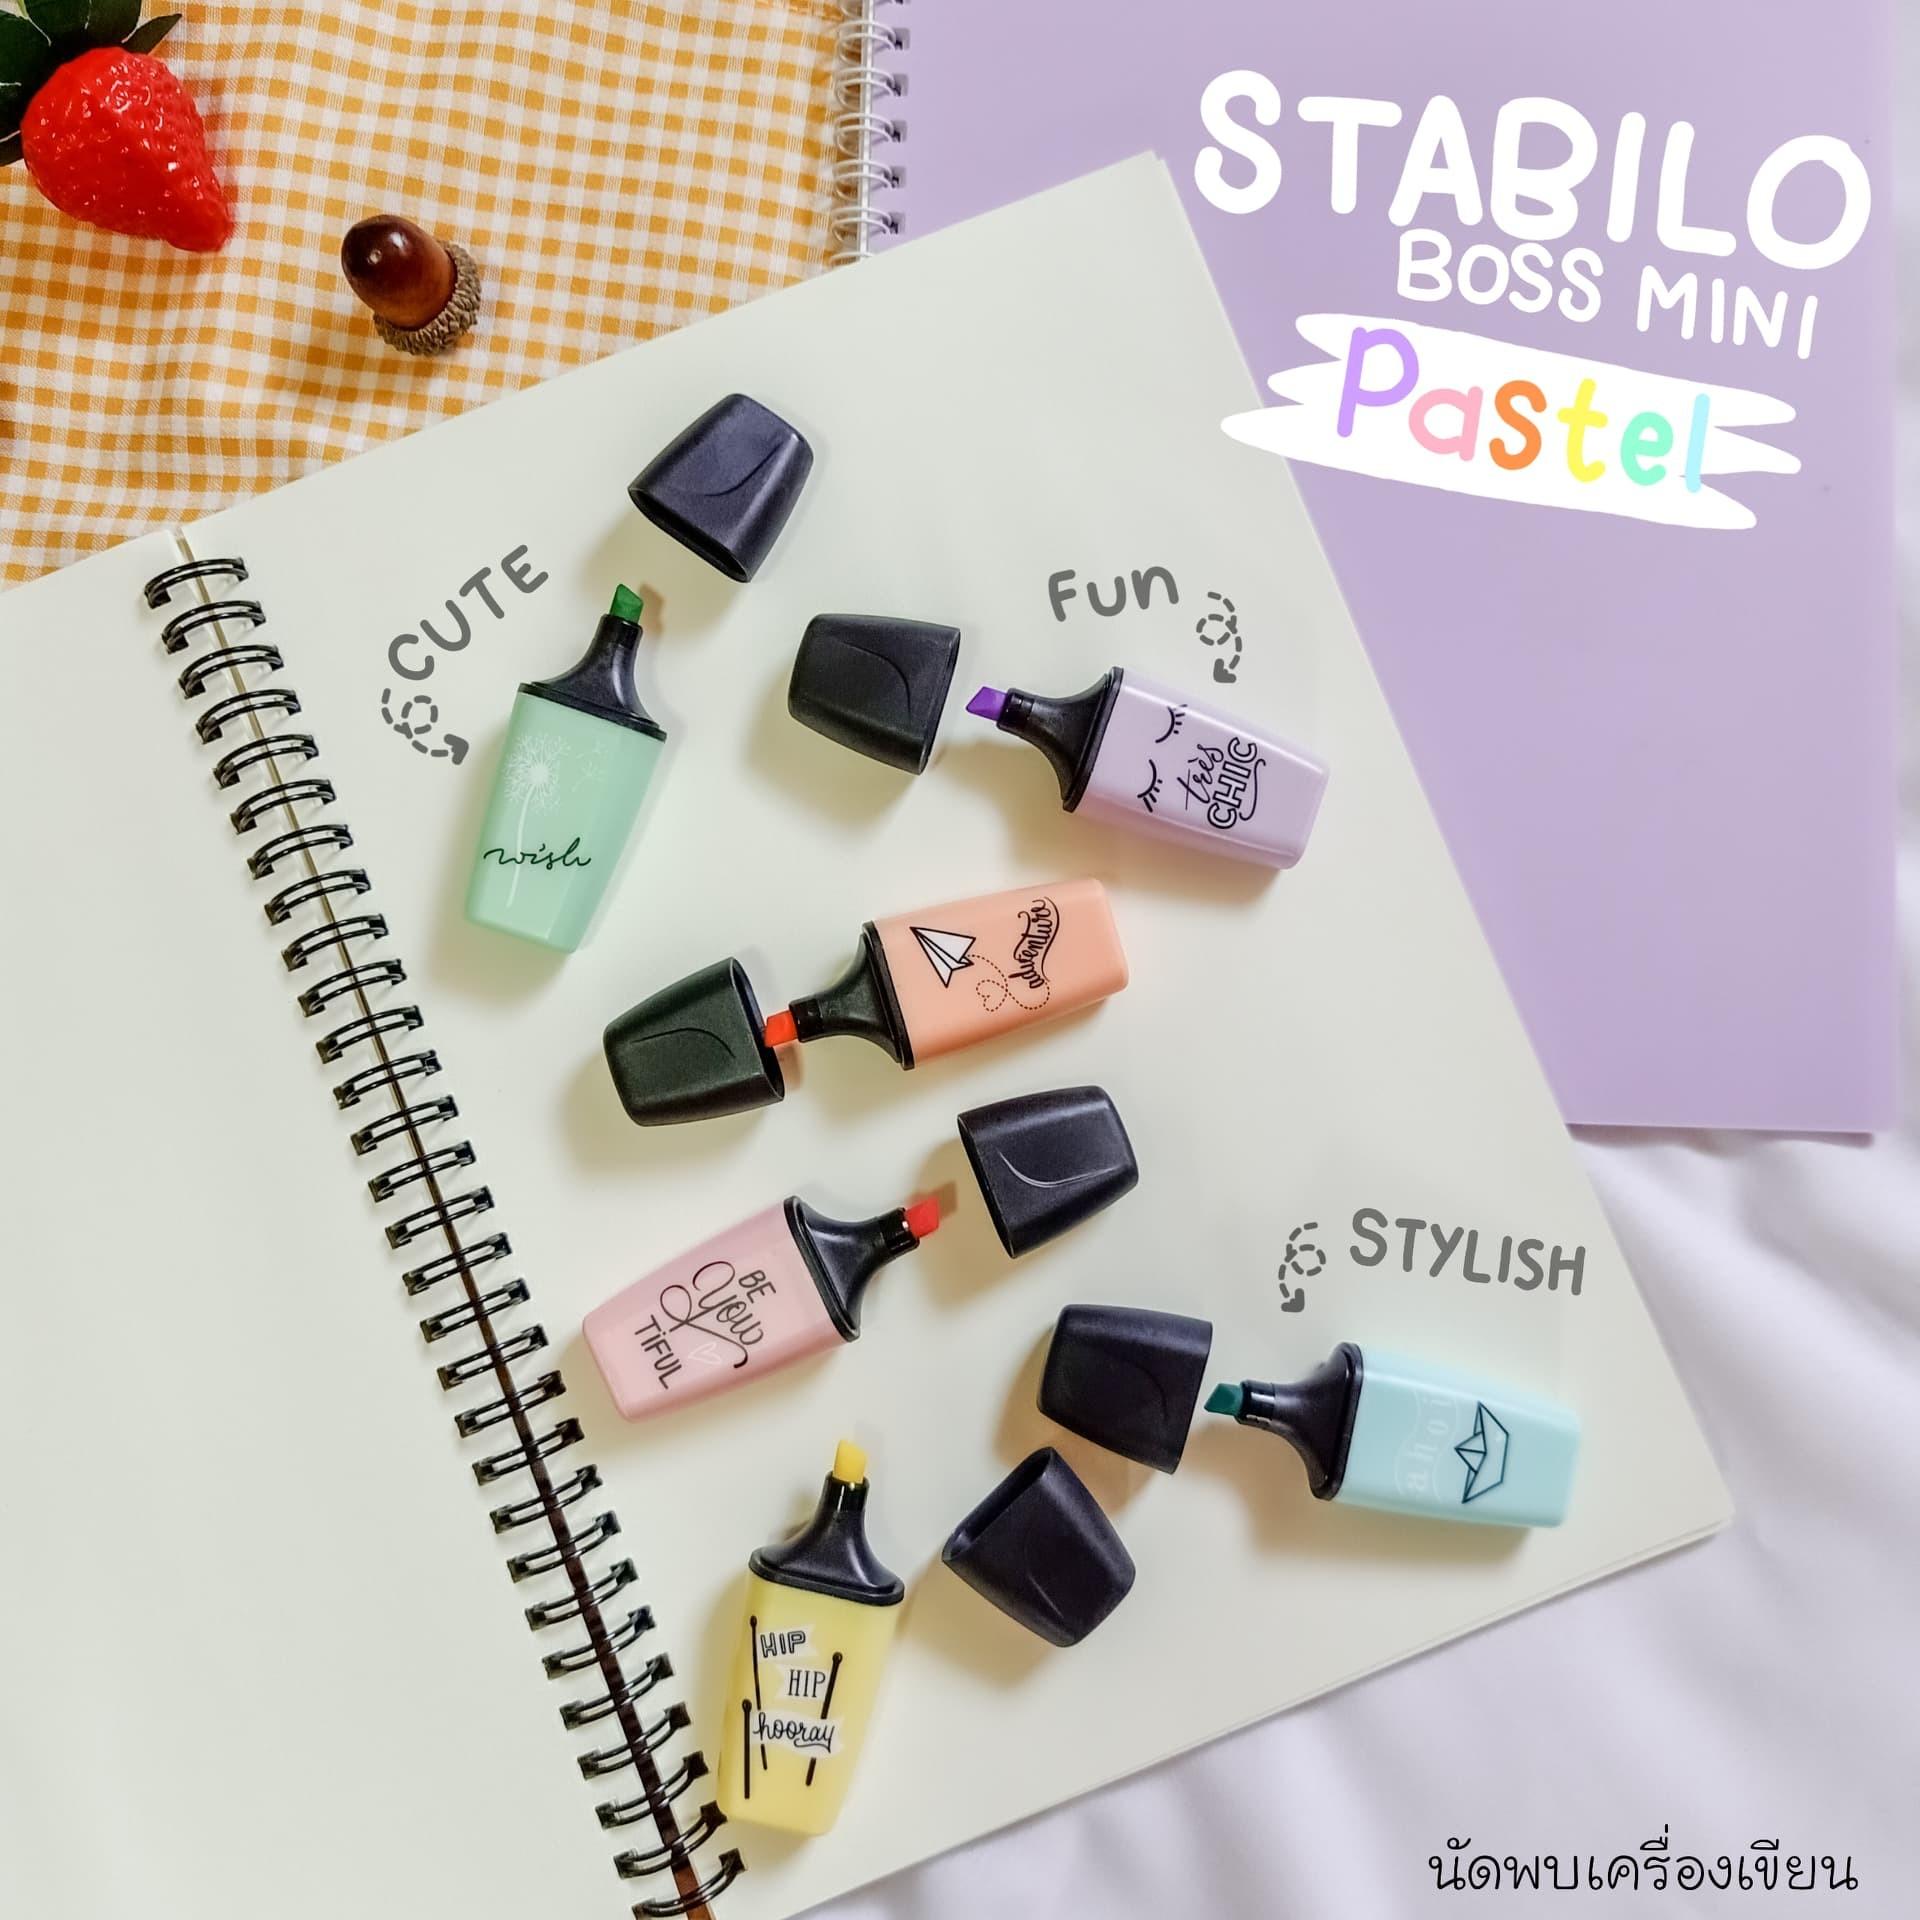 ปากกาเน้นข้อความ STABILO BOSS MINI Pastellove